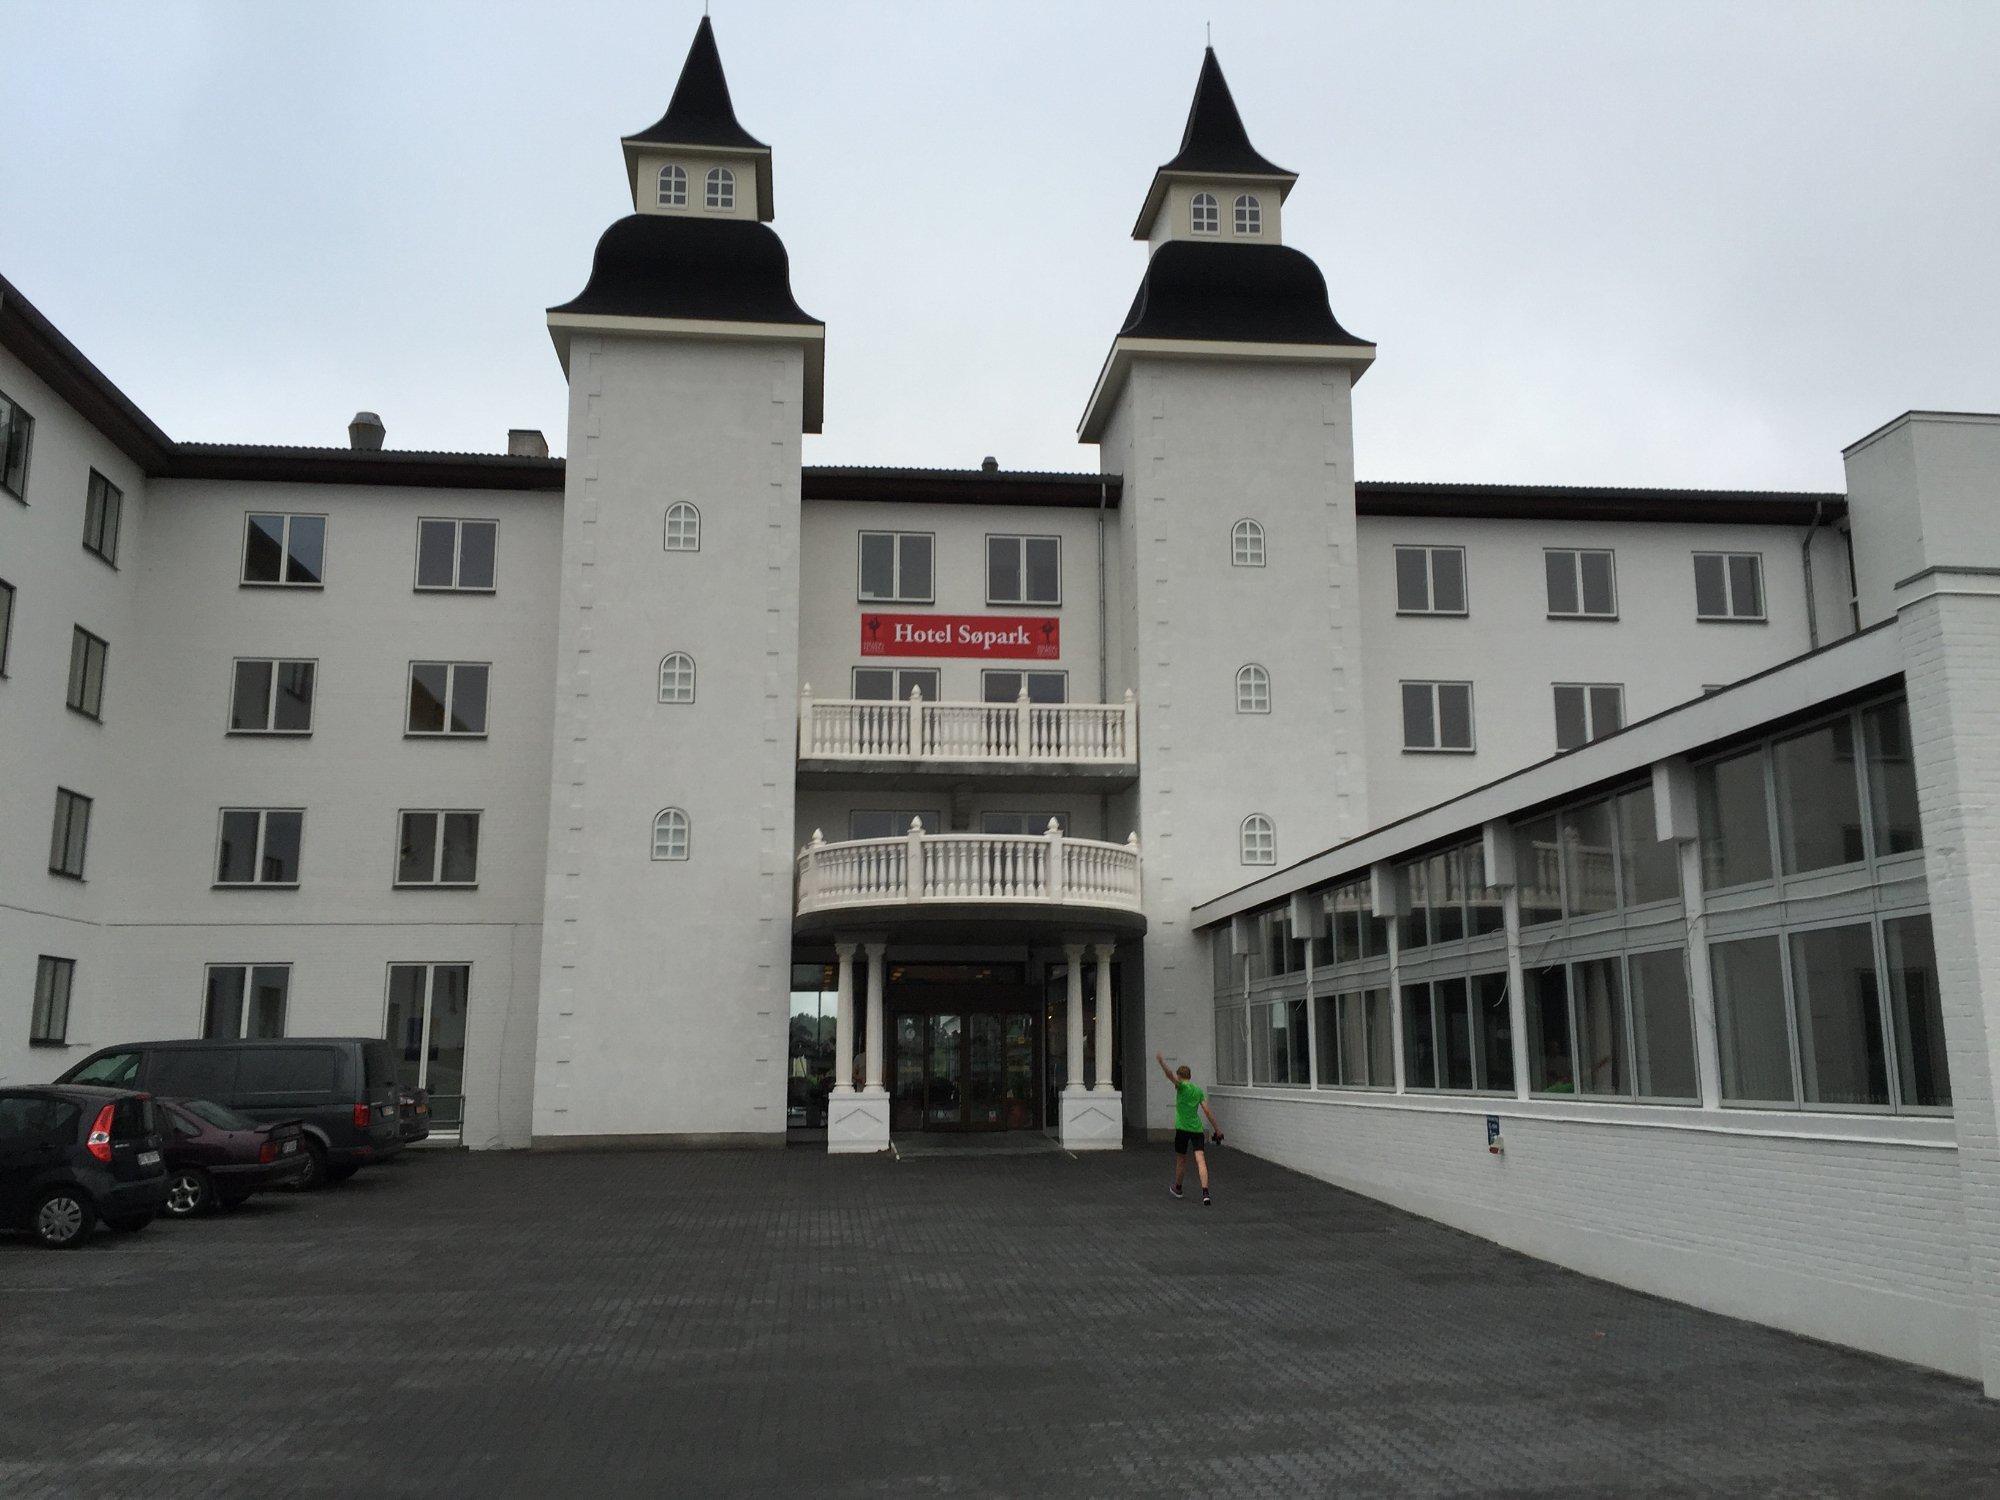 Milling Hotel Sopark, Maribo